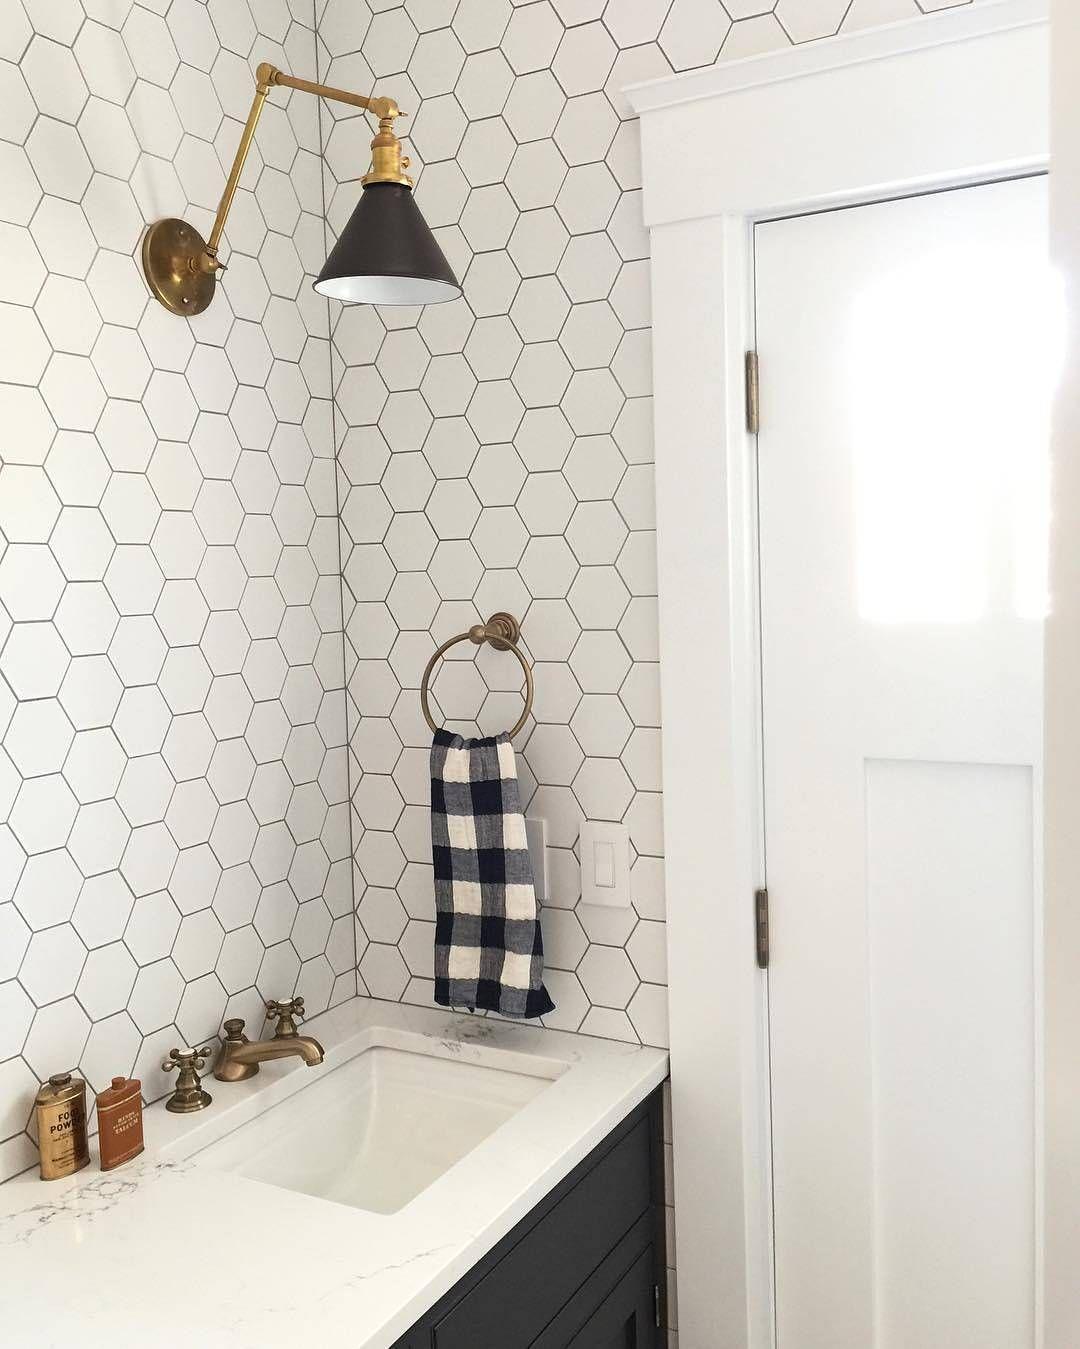 This Bathroom Beauty (via @caitlinwilsondesign